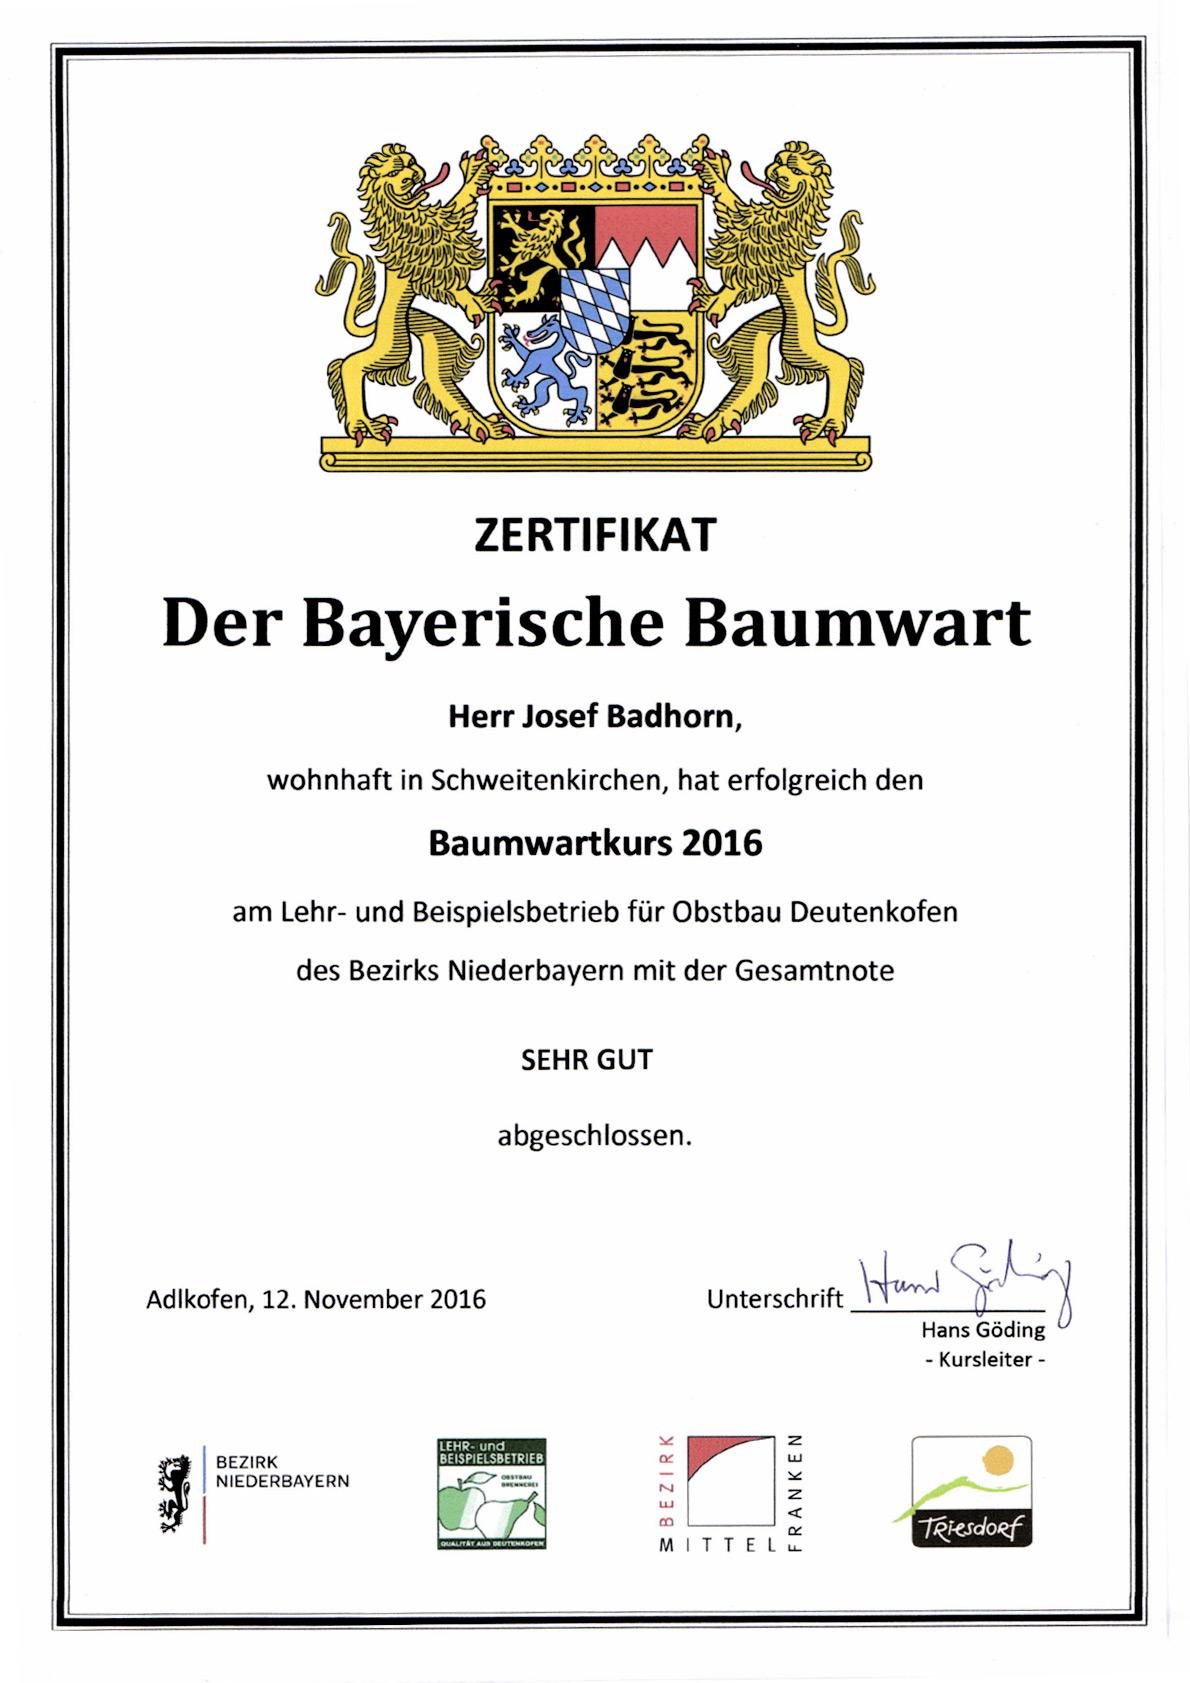 Josef hat den Bayrischenbaumwartkurs gemacht und ist nun staatlich geprüfter Baumwart.